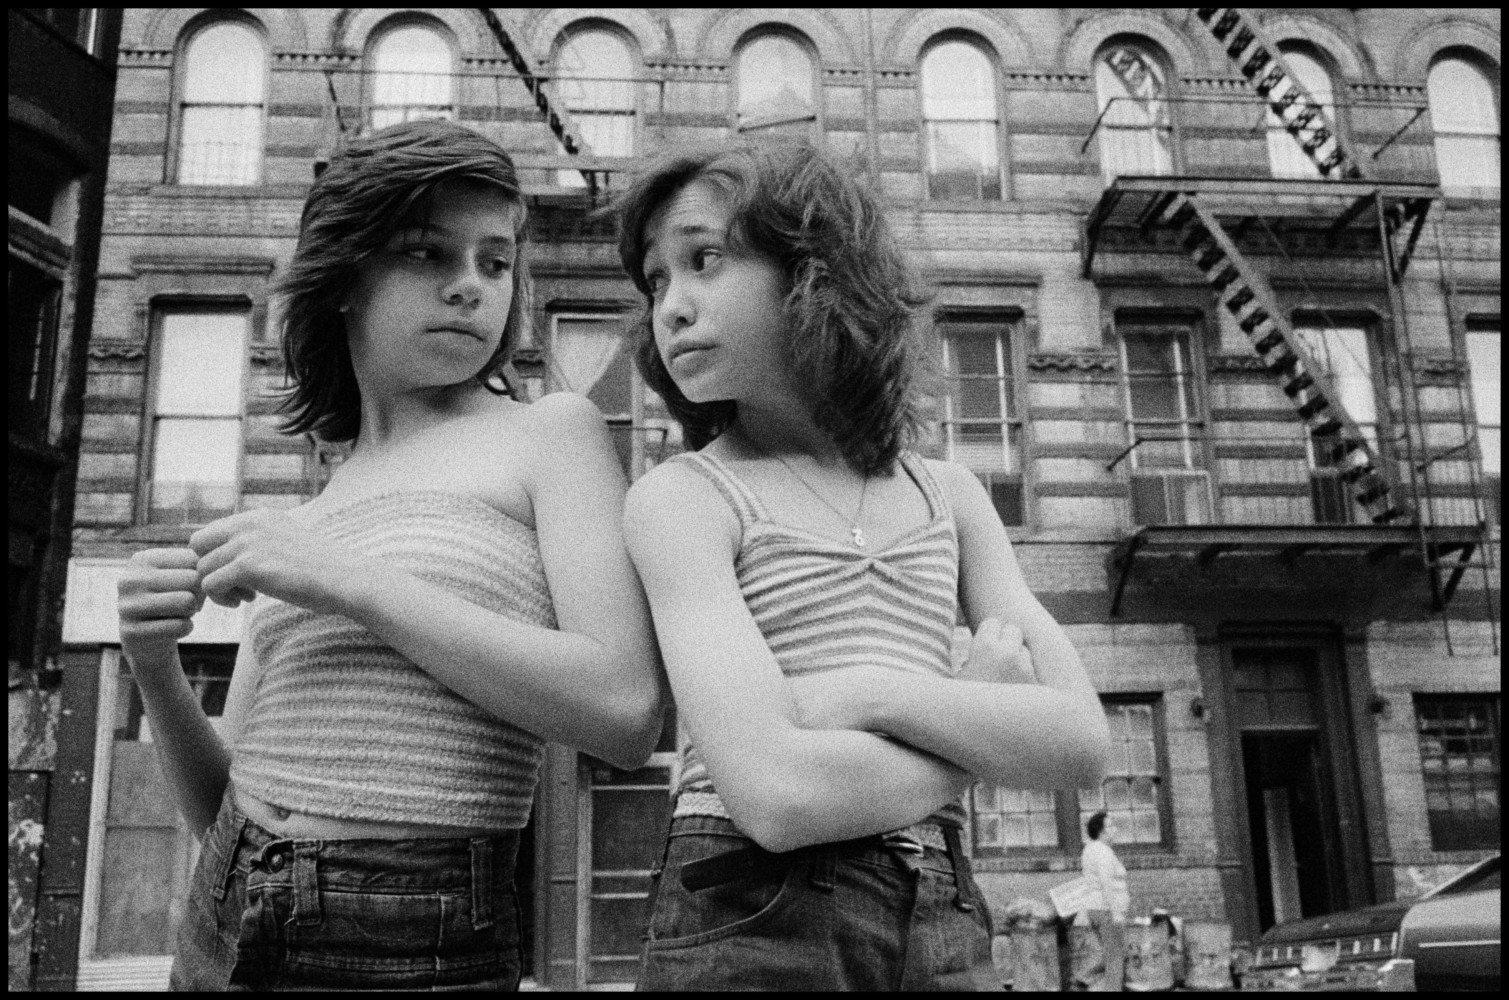 迪和丽莎在莫特街。 小意大利。 美国纽约市。 1976 Susan Meiselas的黑白摄影